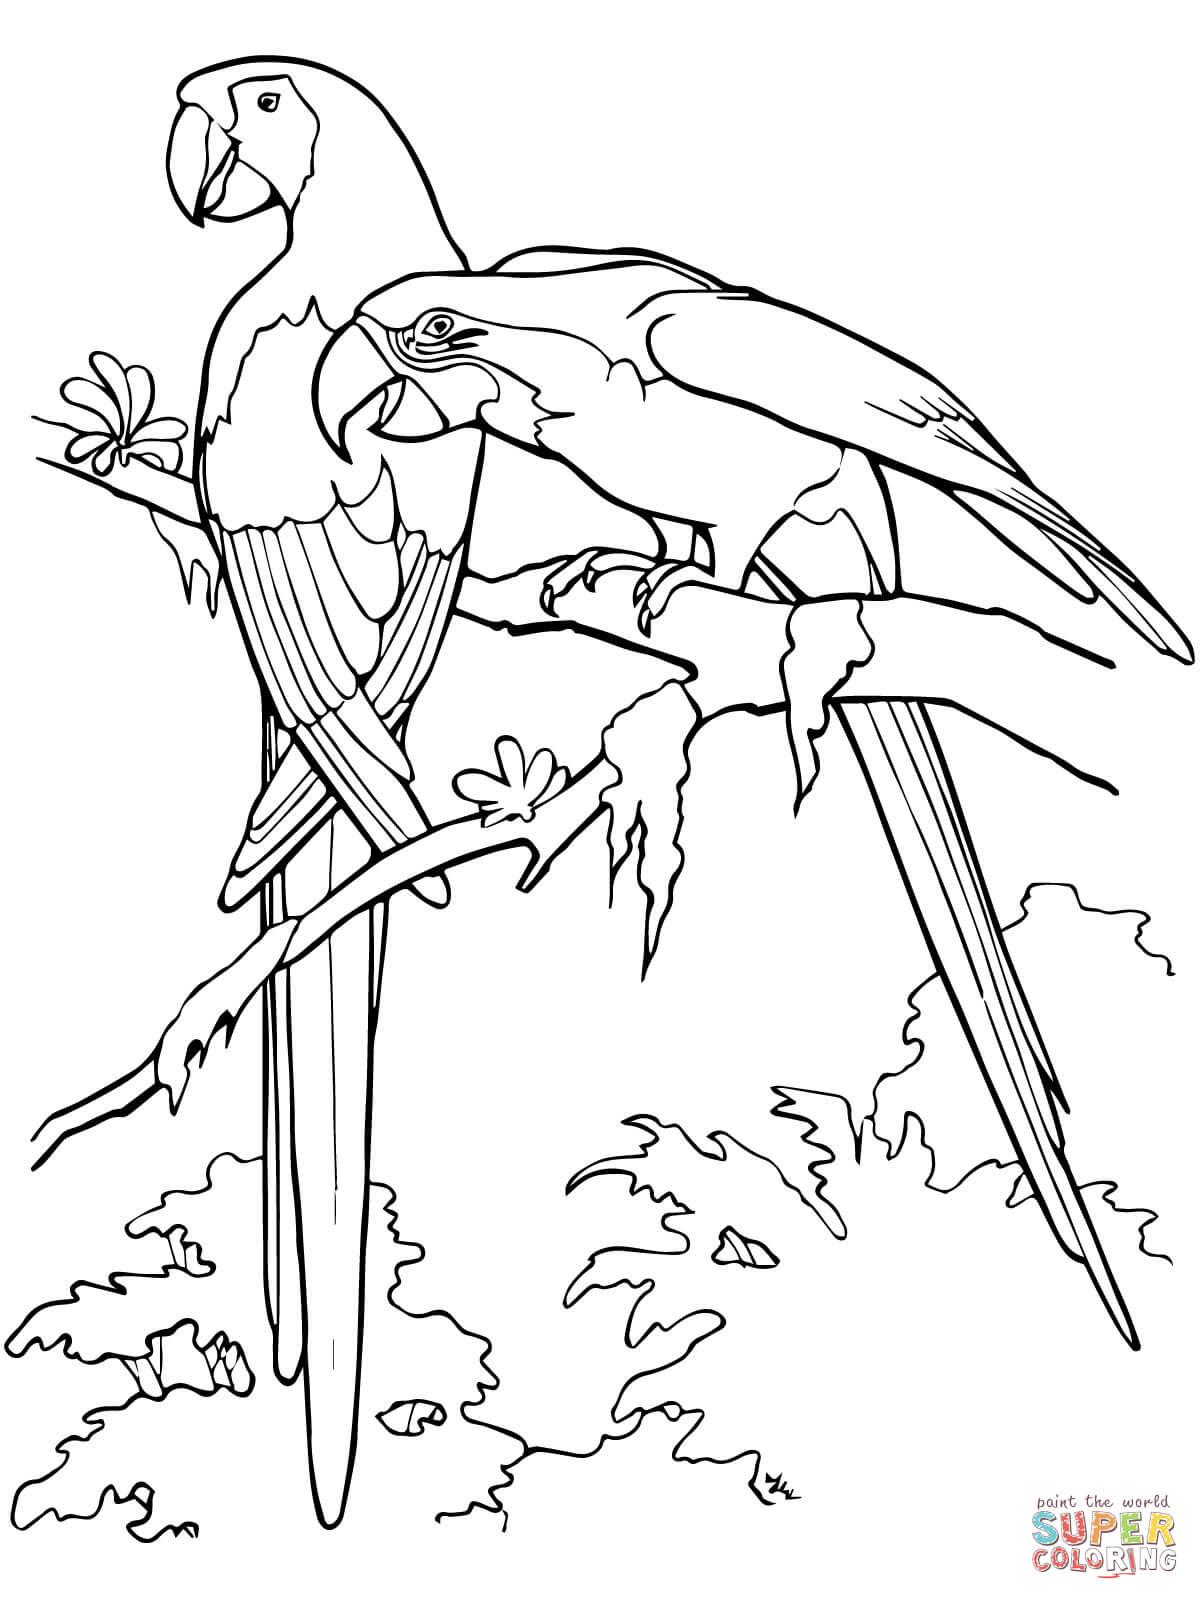 Disegno di Due eseplari di ara scarlatta da colorare